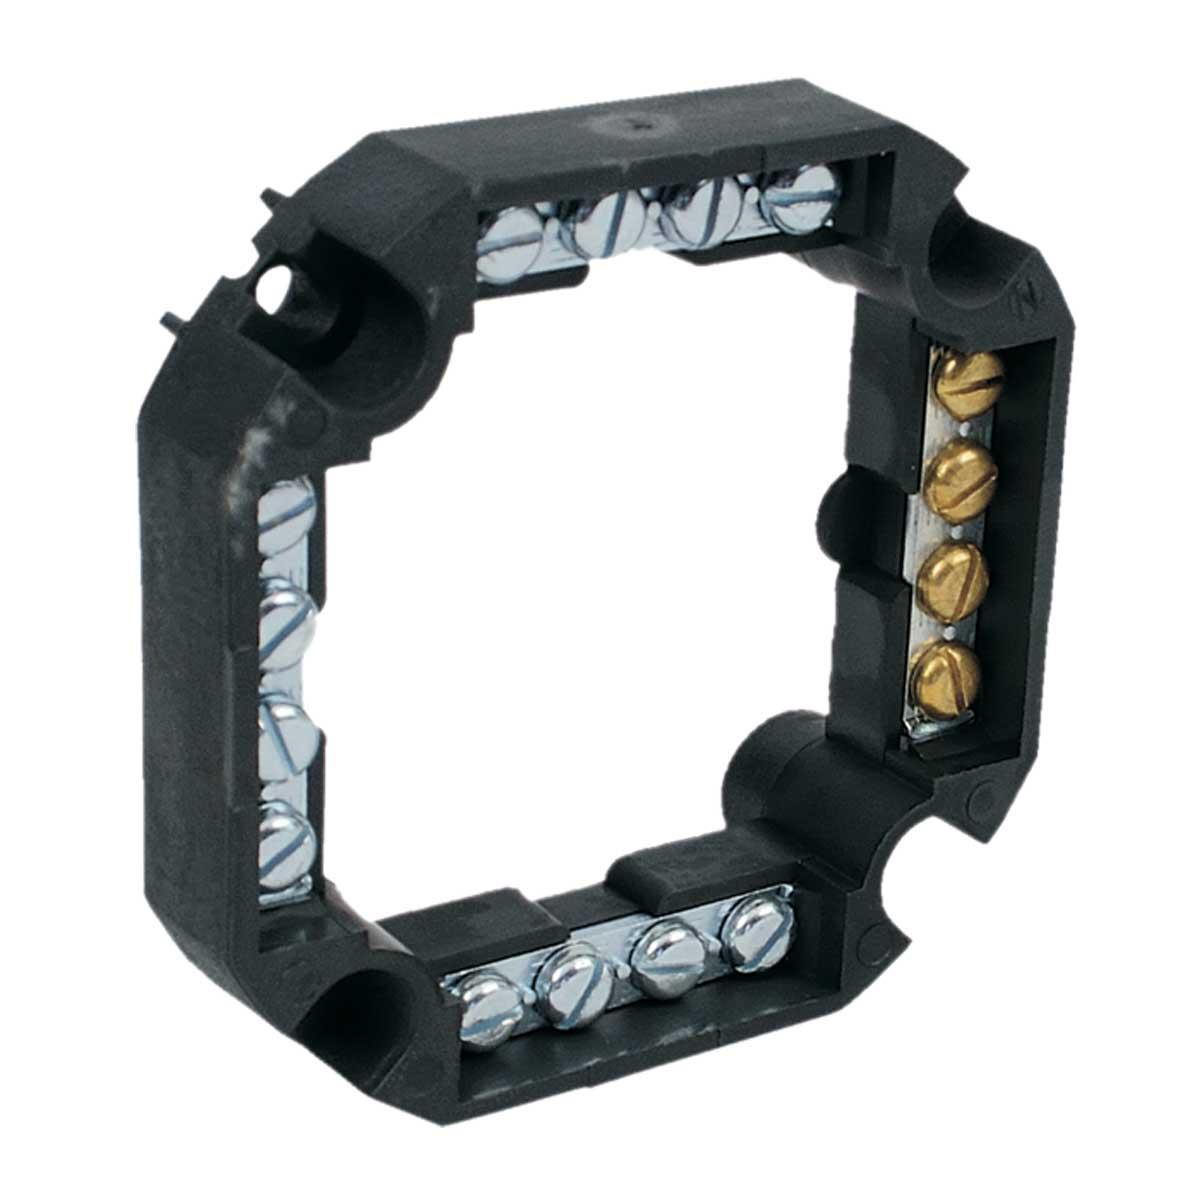 Клемна колодка чотирьохстороння 16х4 ; напруга до 500 V; січення кабелю до 4мм